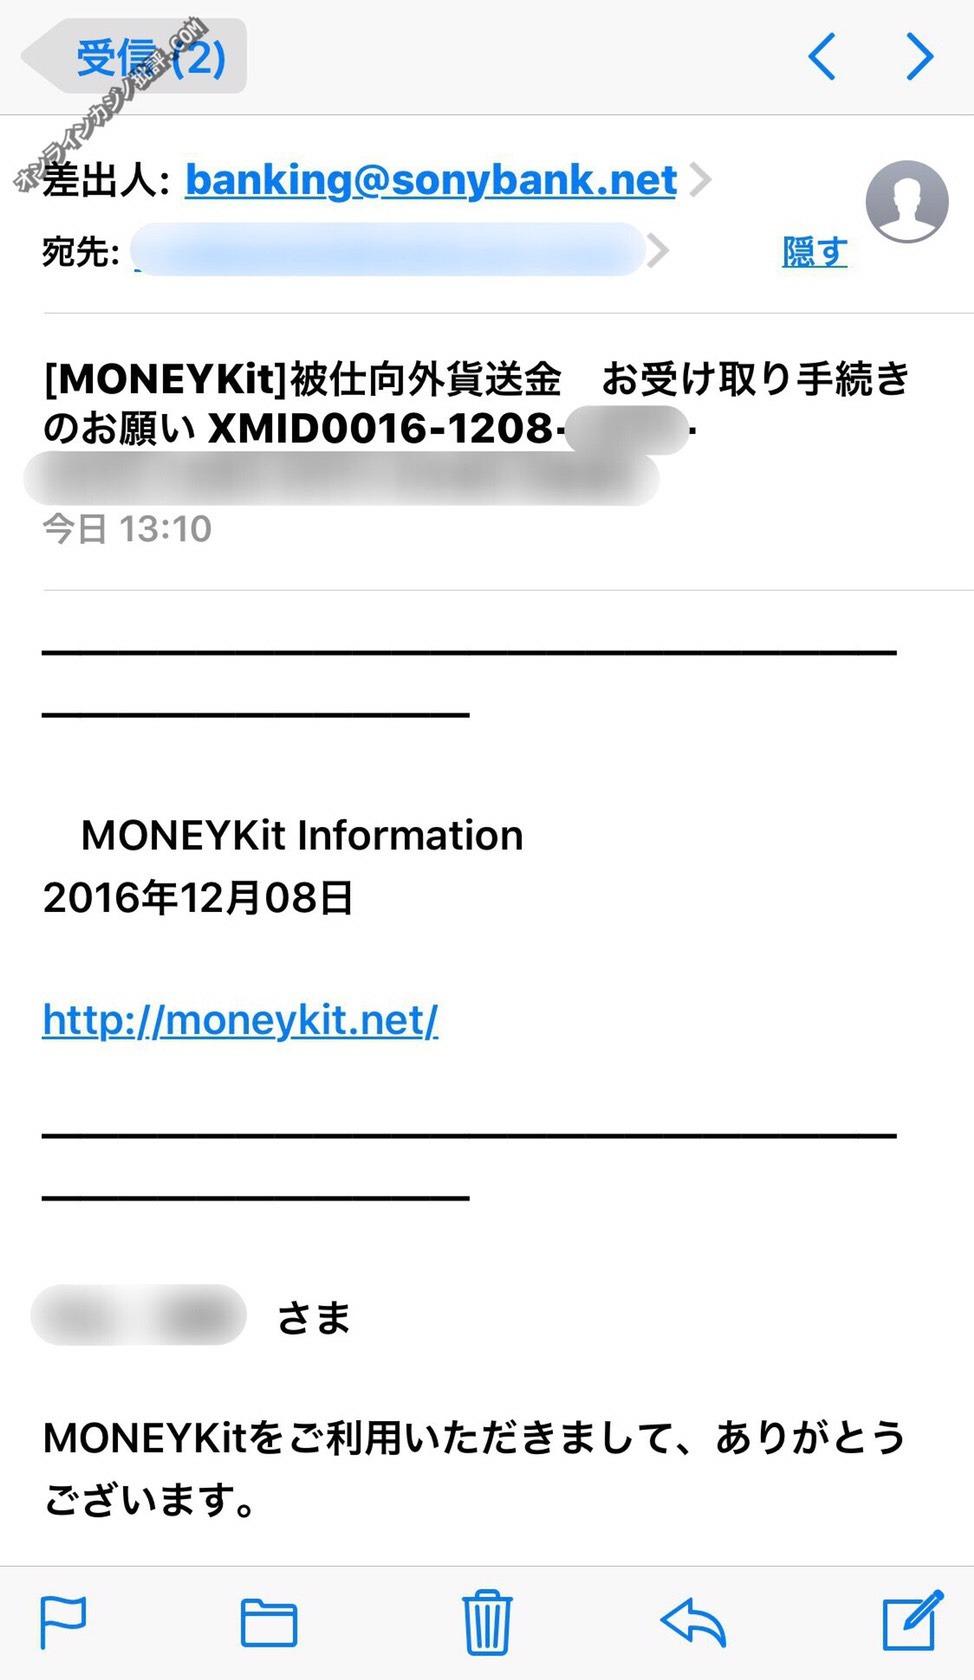 エコペイズからソニー銀行に被仕向送金があった通知メール画面